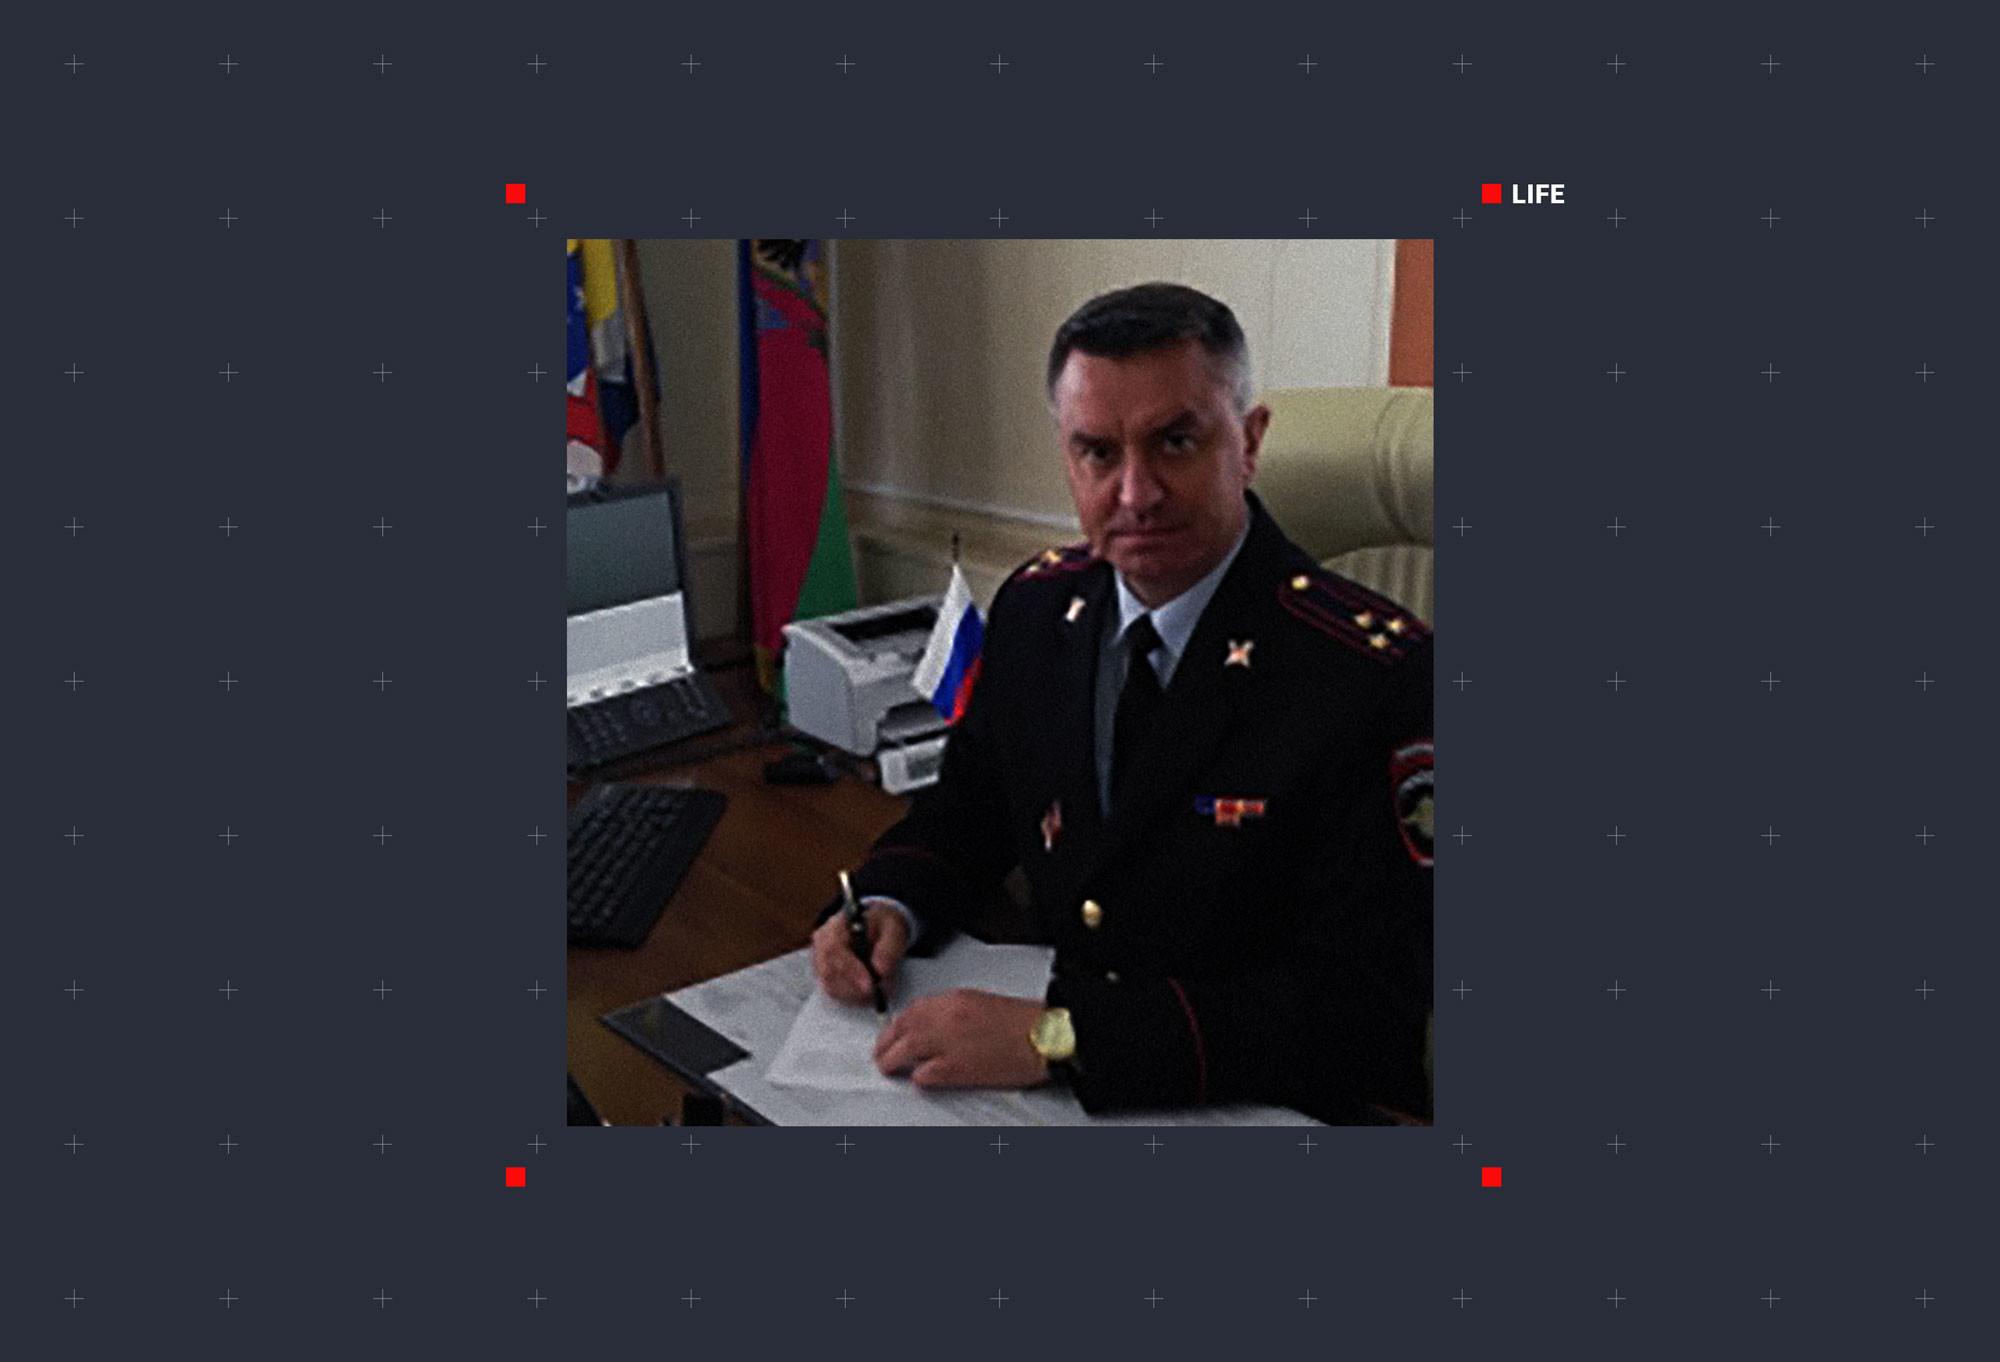 Полковник Сергей Сорокоумов. Фото © Официальный сайт Министерства внутренних дел Российской Федерации